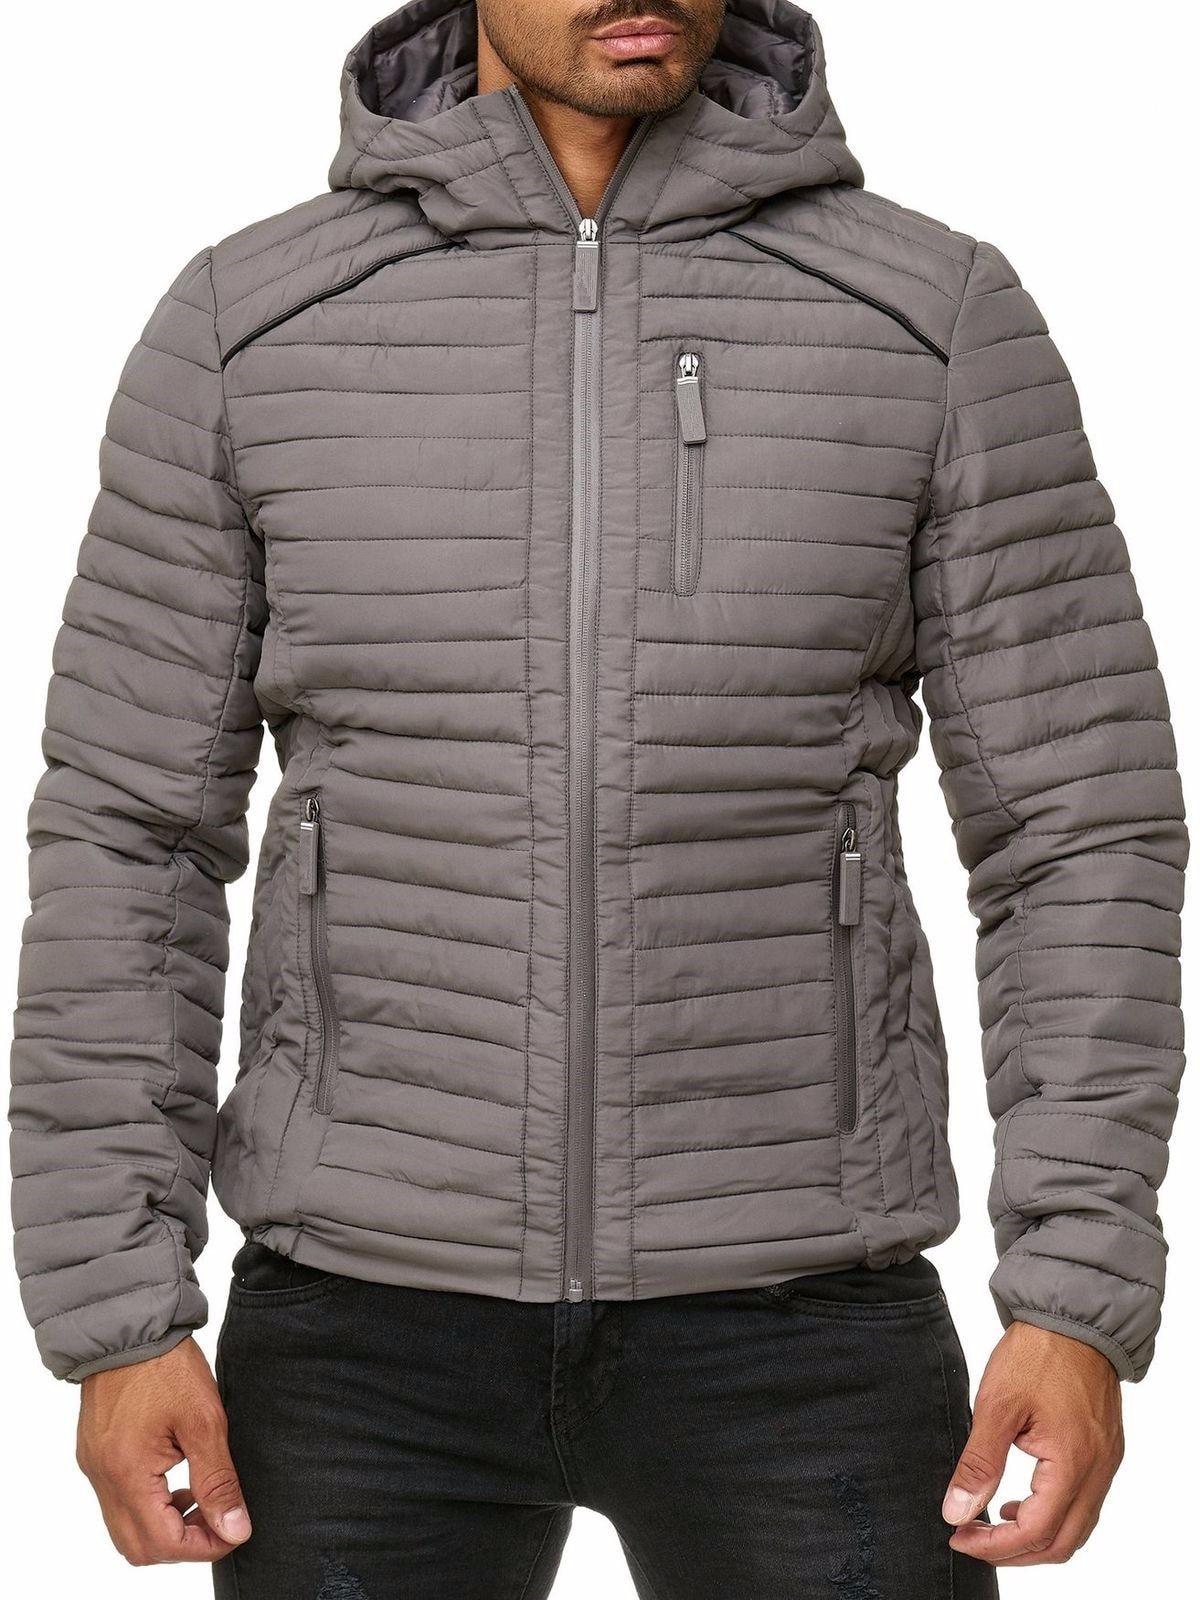 ZOGAA 2019 Men Jacket Winter New 6 Color Winter Coat Men Casual Fashion Warm Hooded Winter Jacket Men Plus Size XS-3XL Men Parka